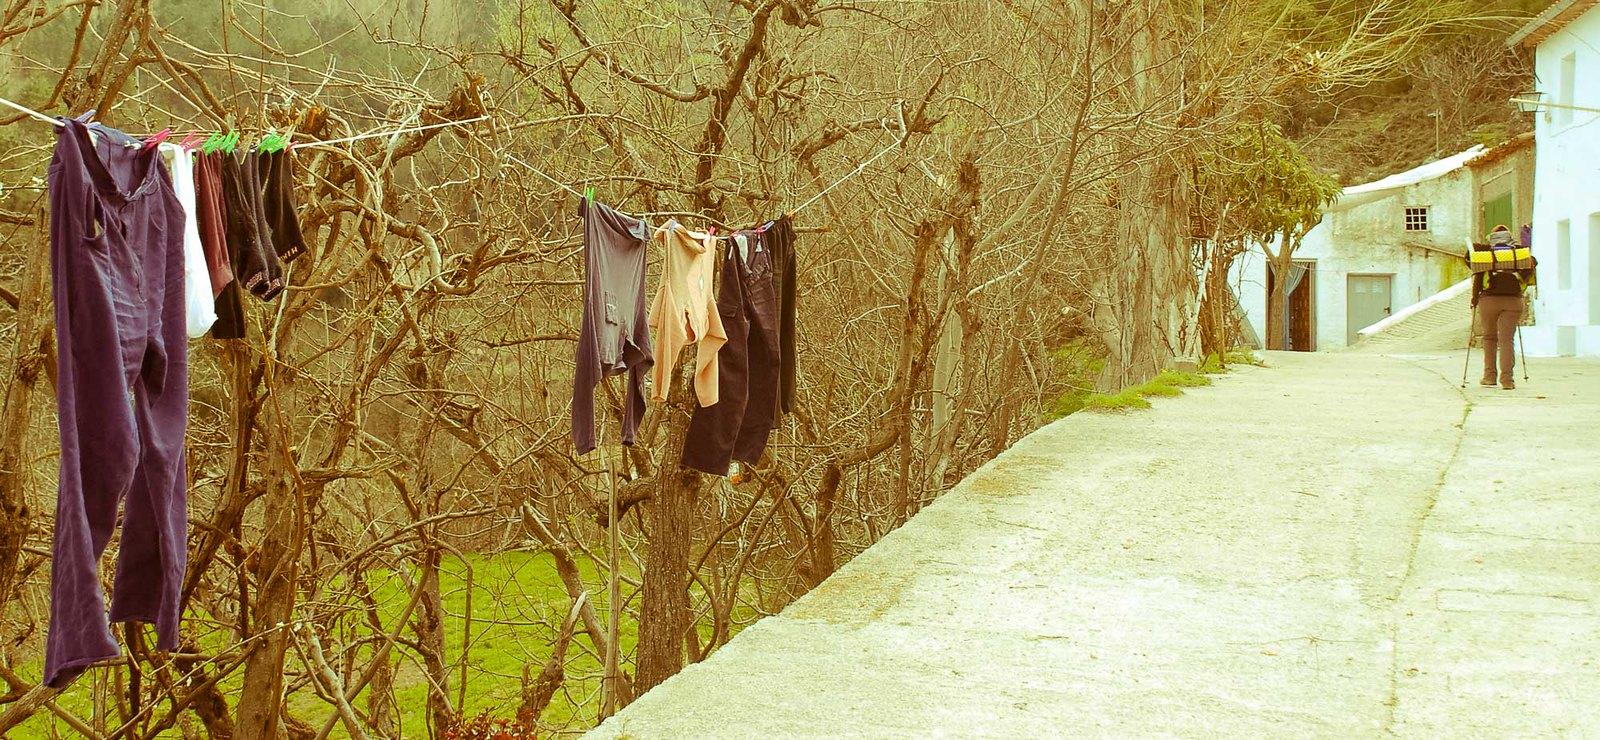 La ropa de los serranos